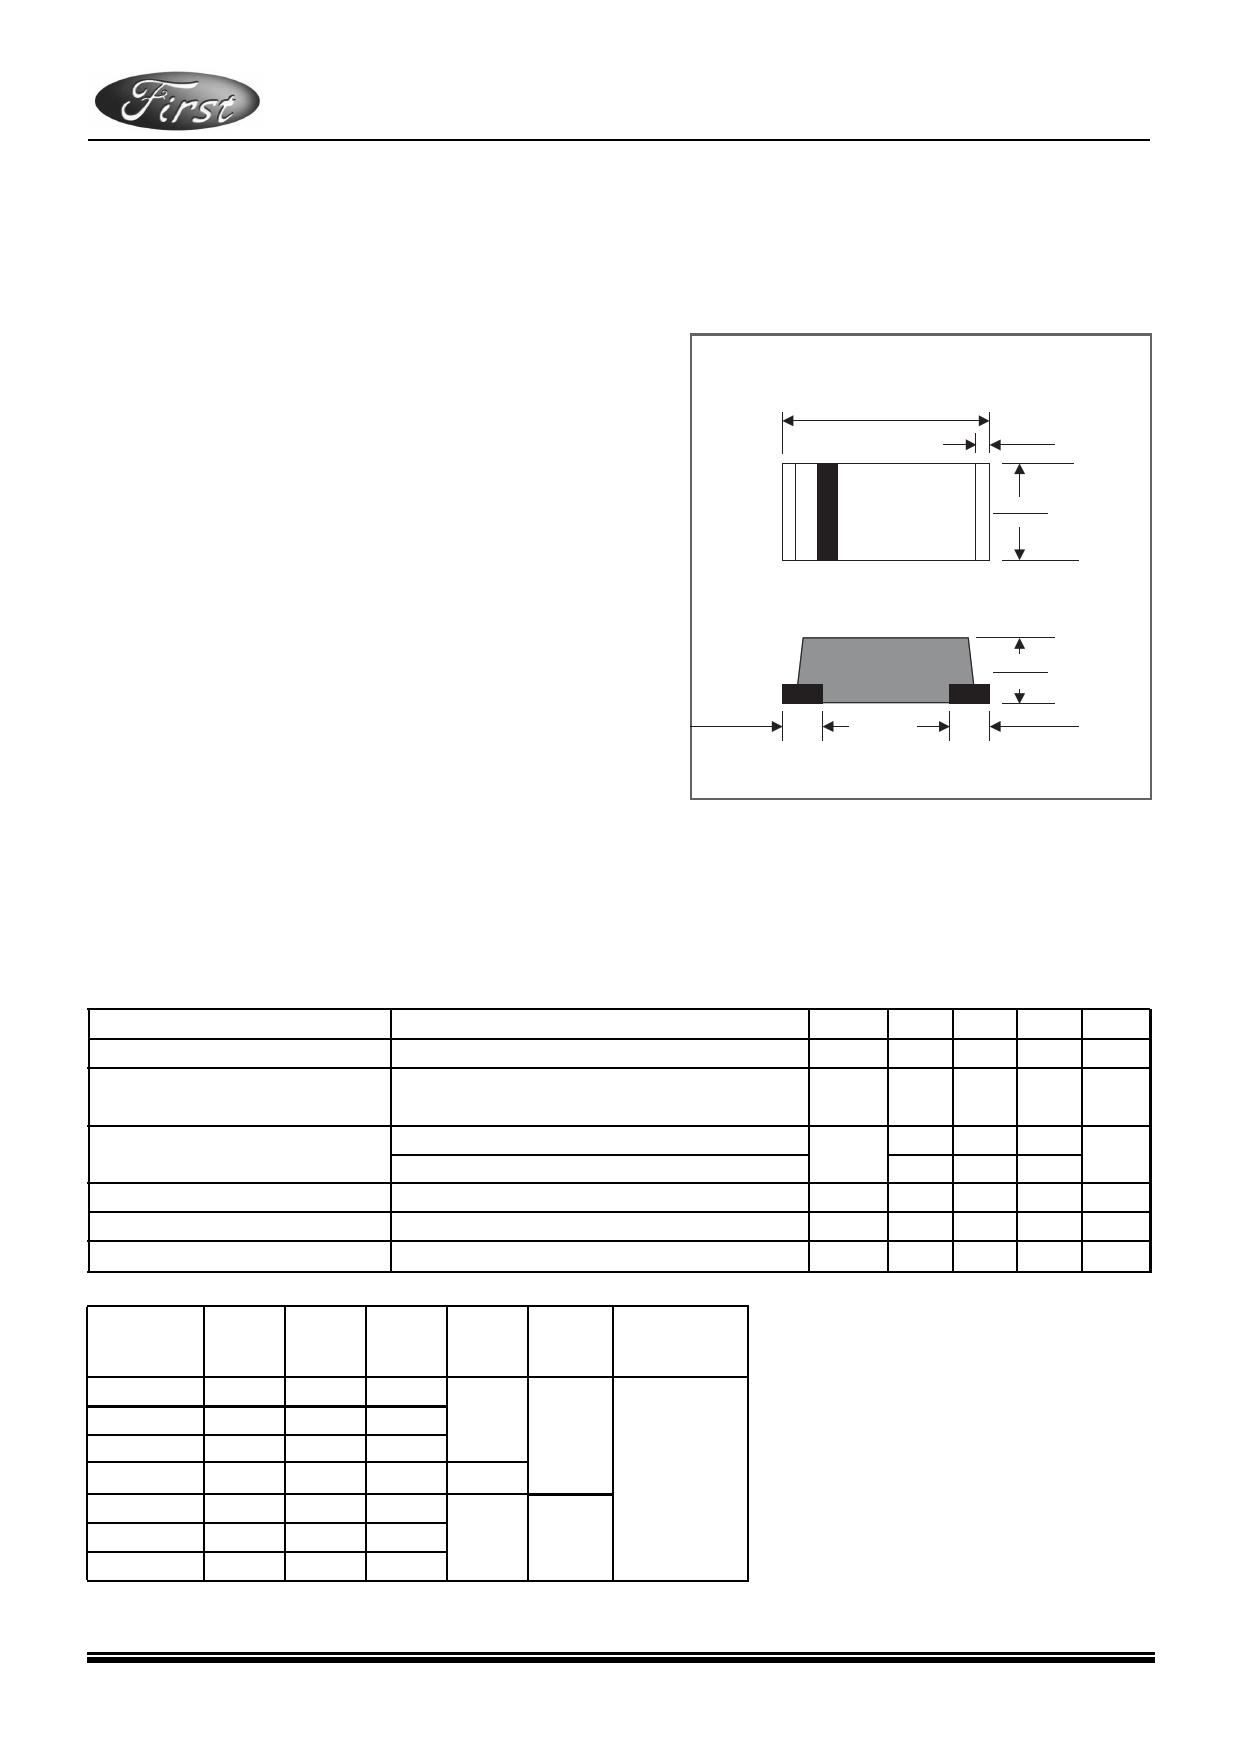 MURA3100G Datasheet